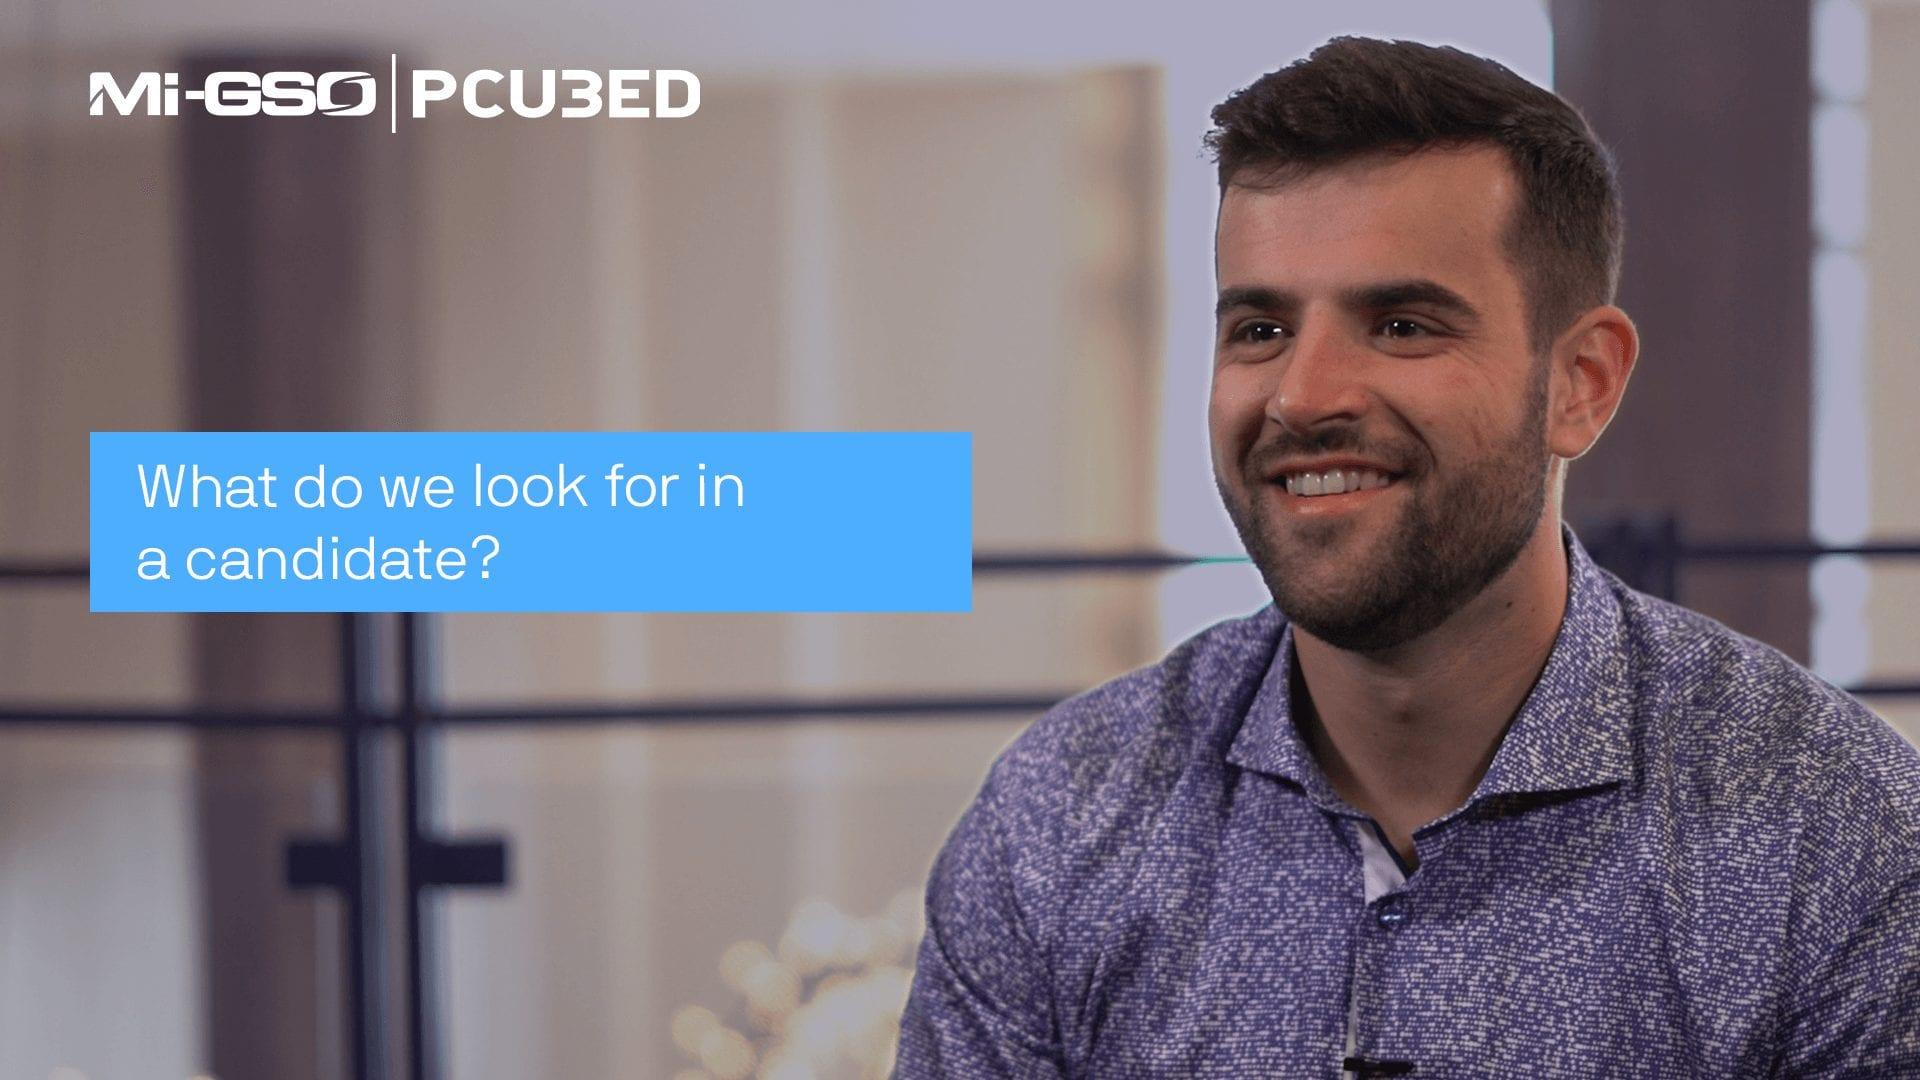 Man in shirt smiling